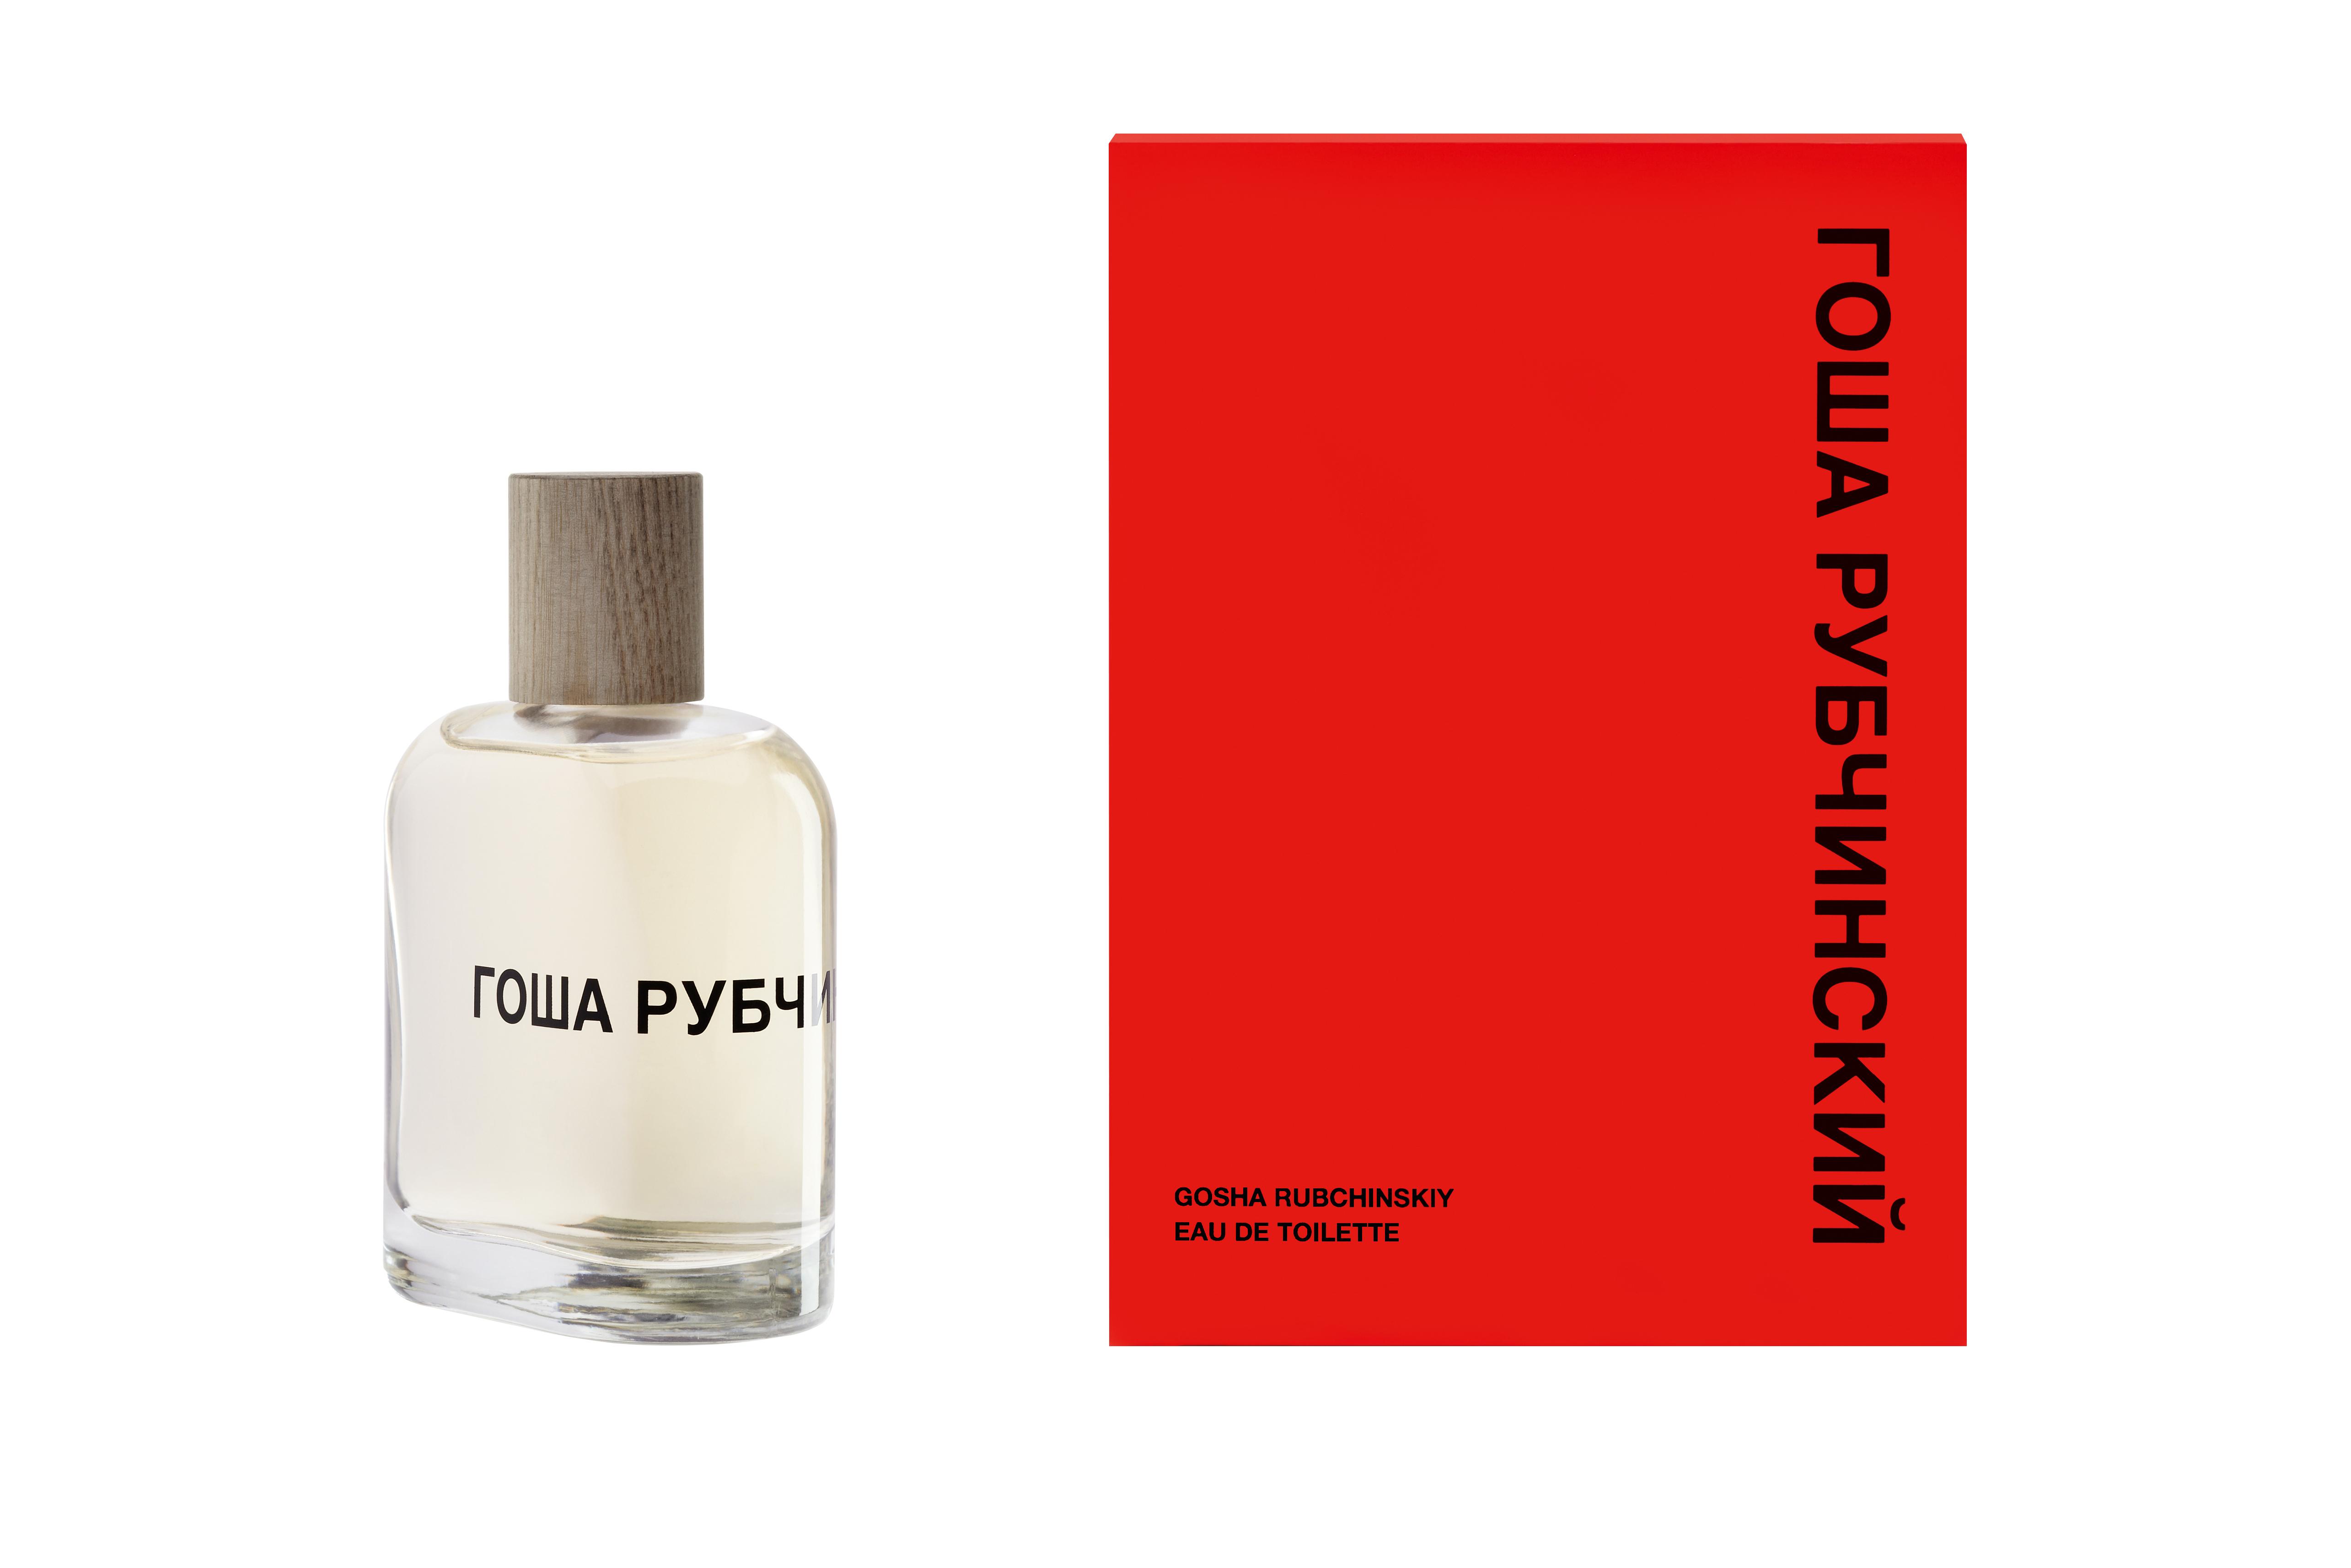 The new fragrance by Gosha Rubchinskiy.